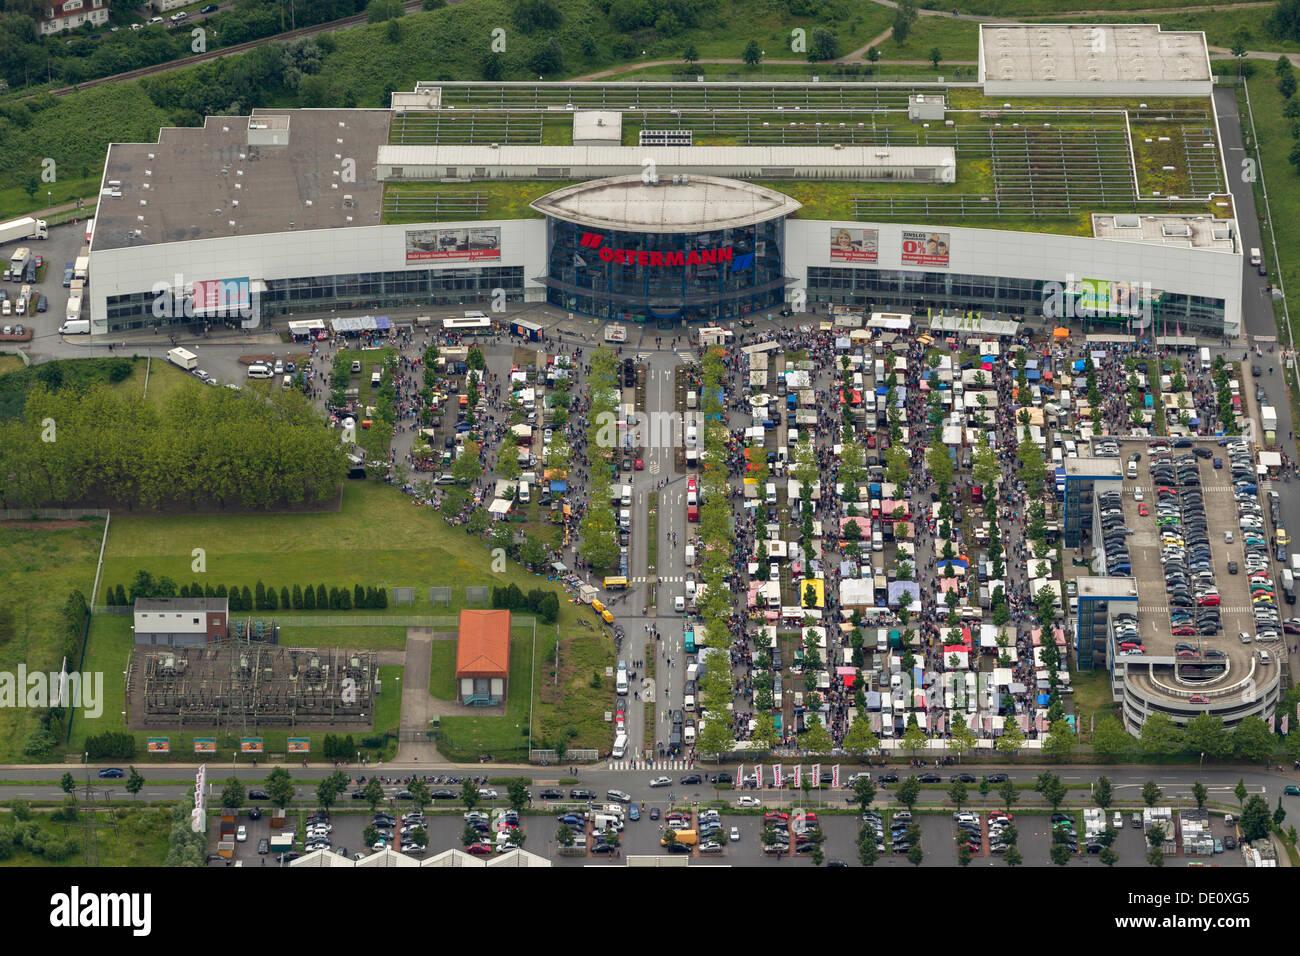 Luftaufnahme Flohmarkt Am Ostermann Möbel Shop Bottrop Ruhrgebiet